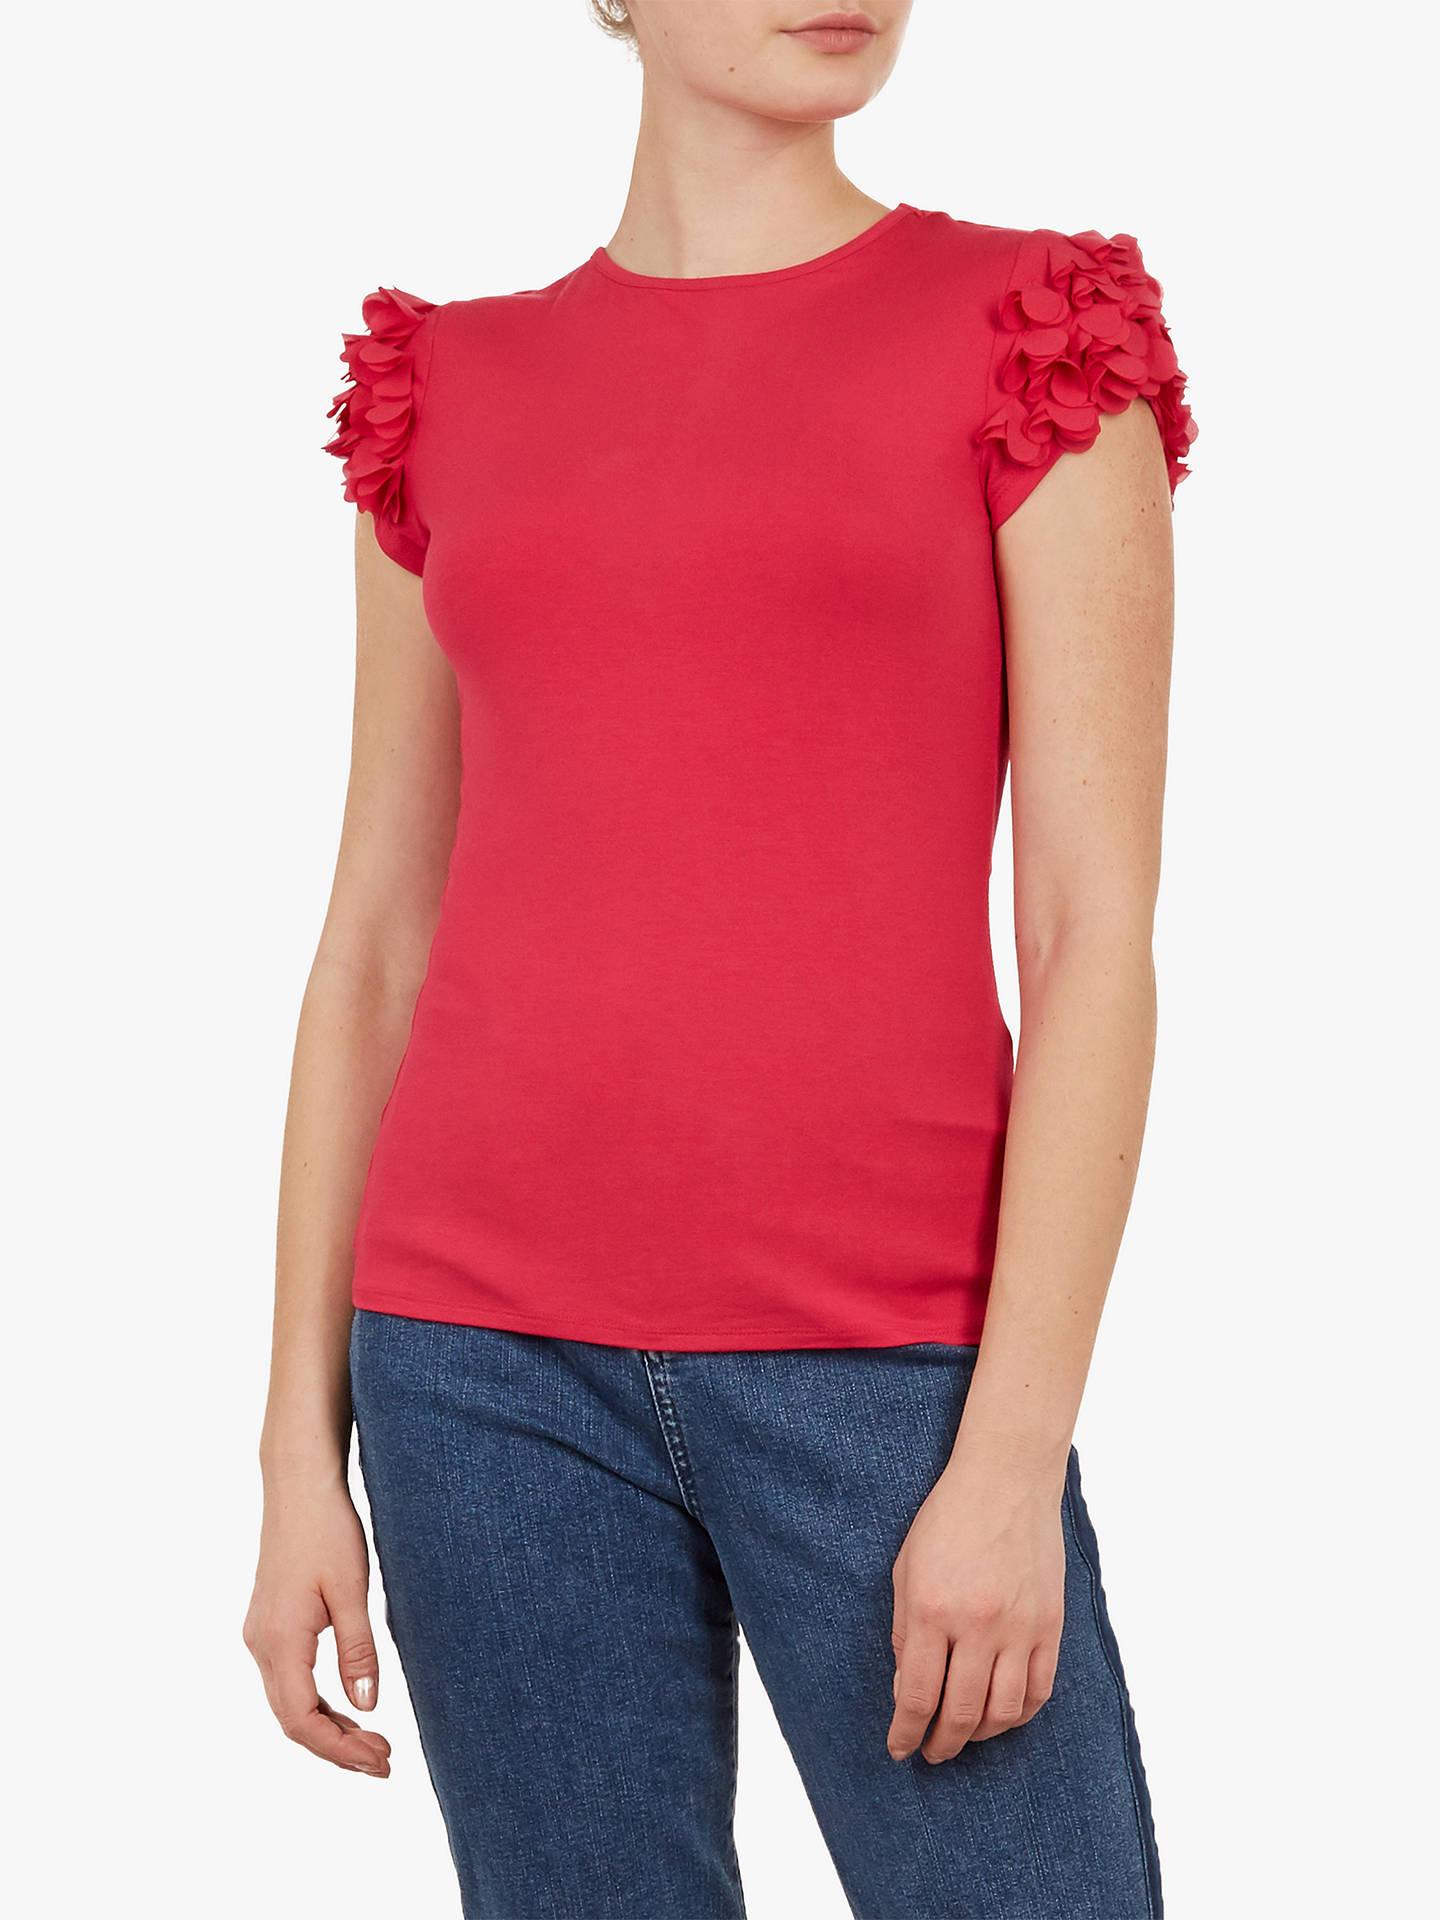 91959f244 Buy Ted Baker Blere Floral Applique Sleeve Top